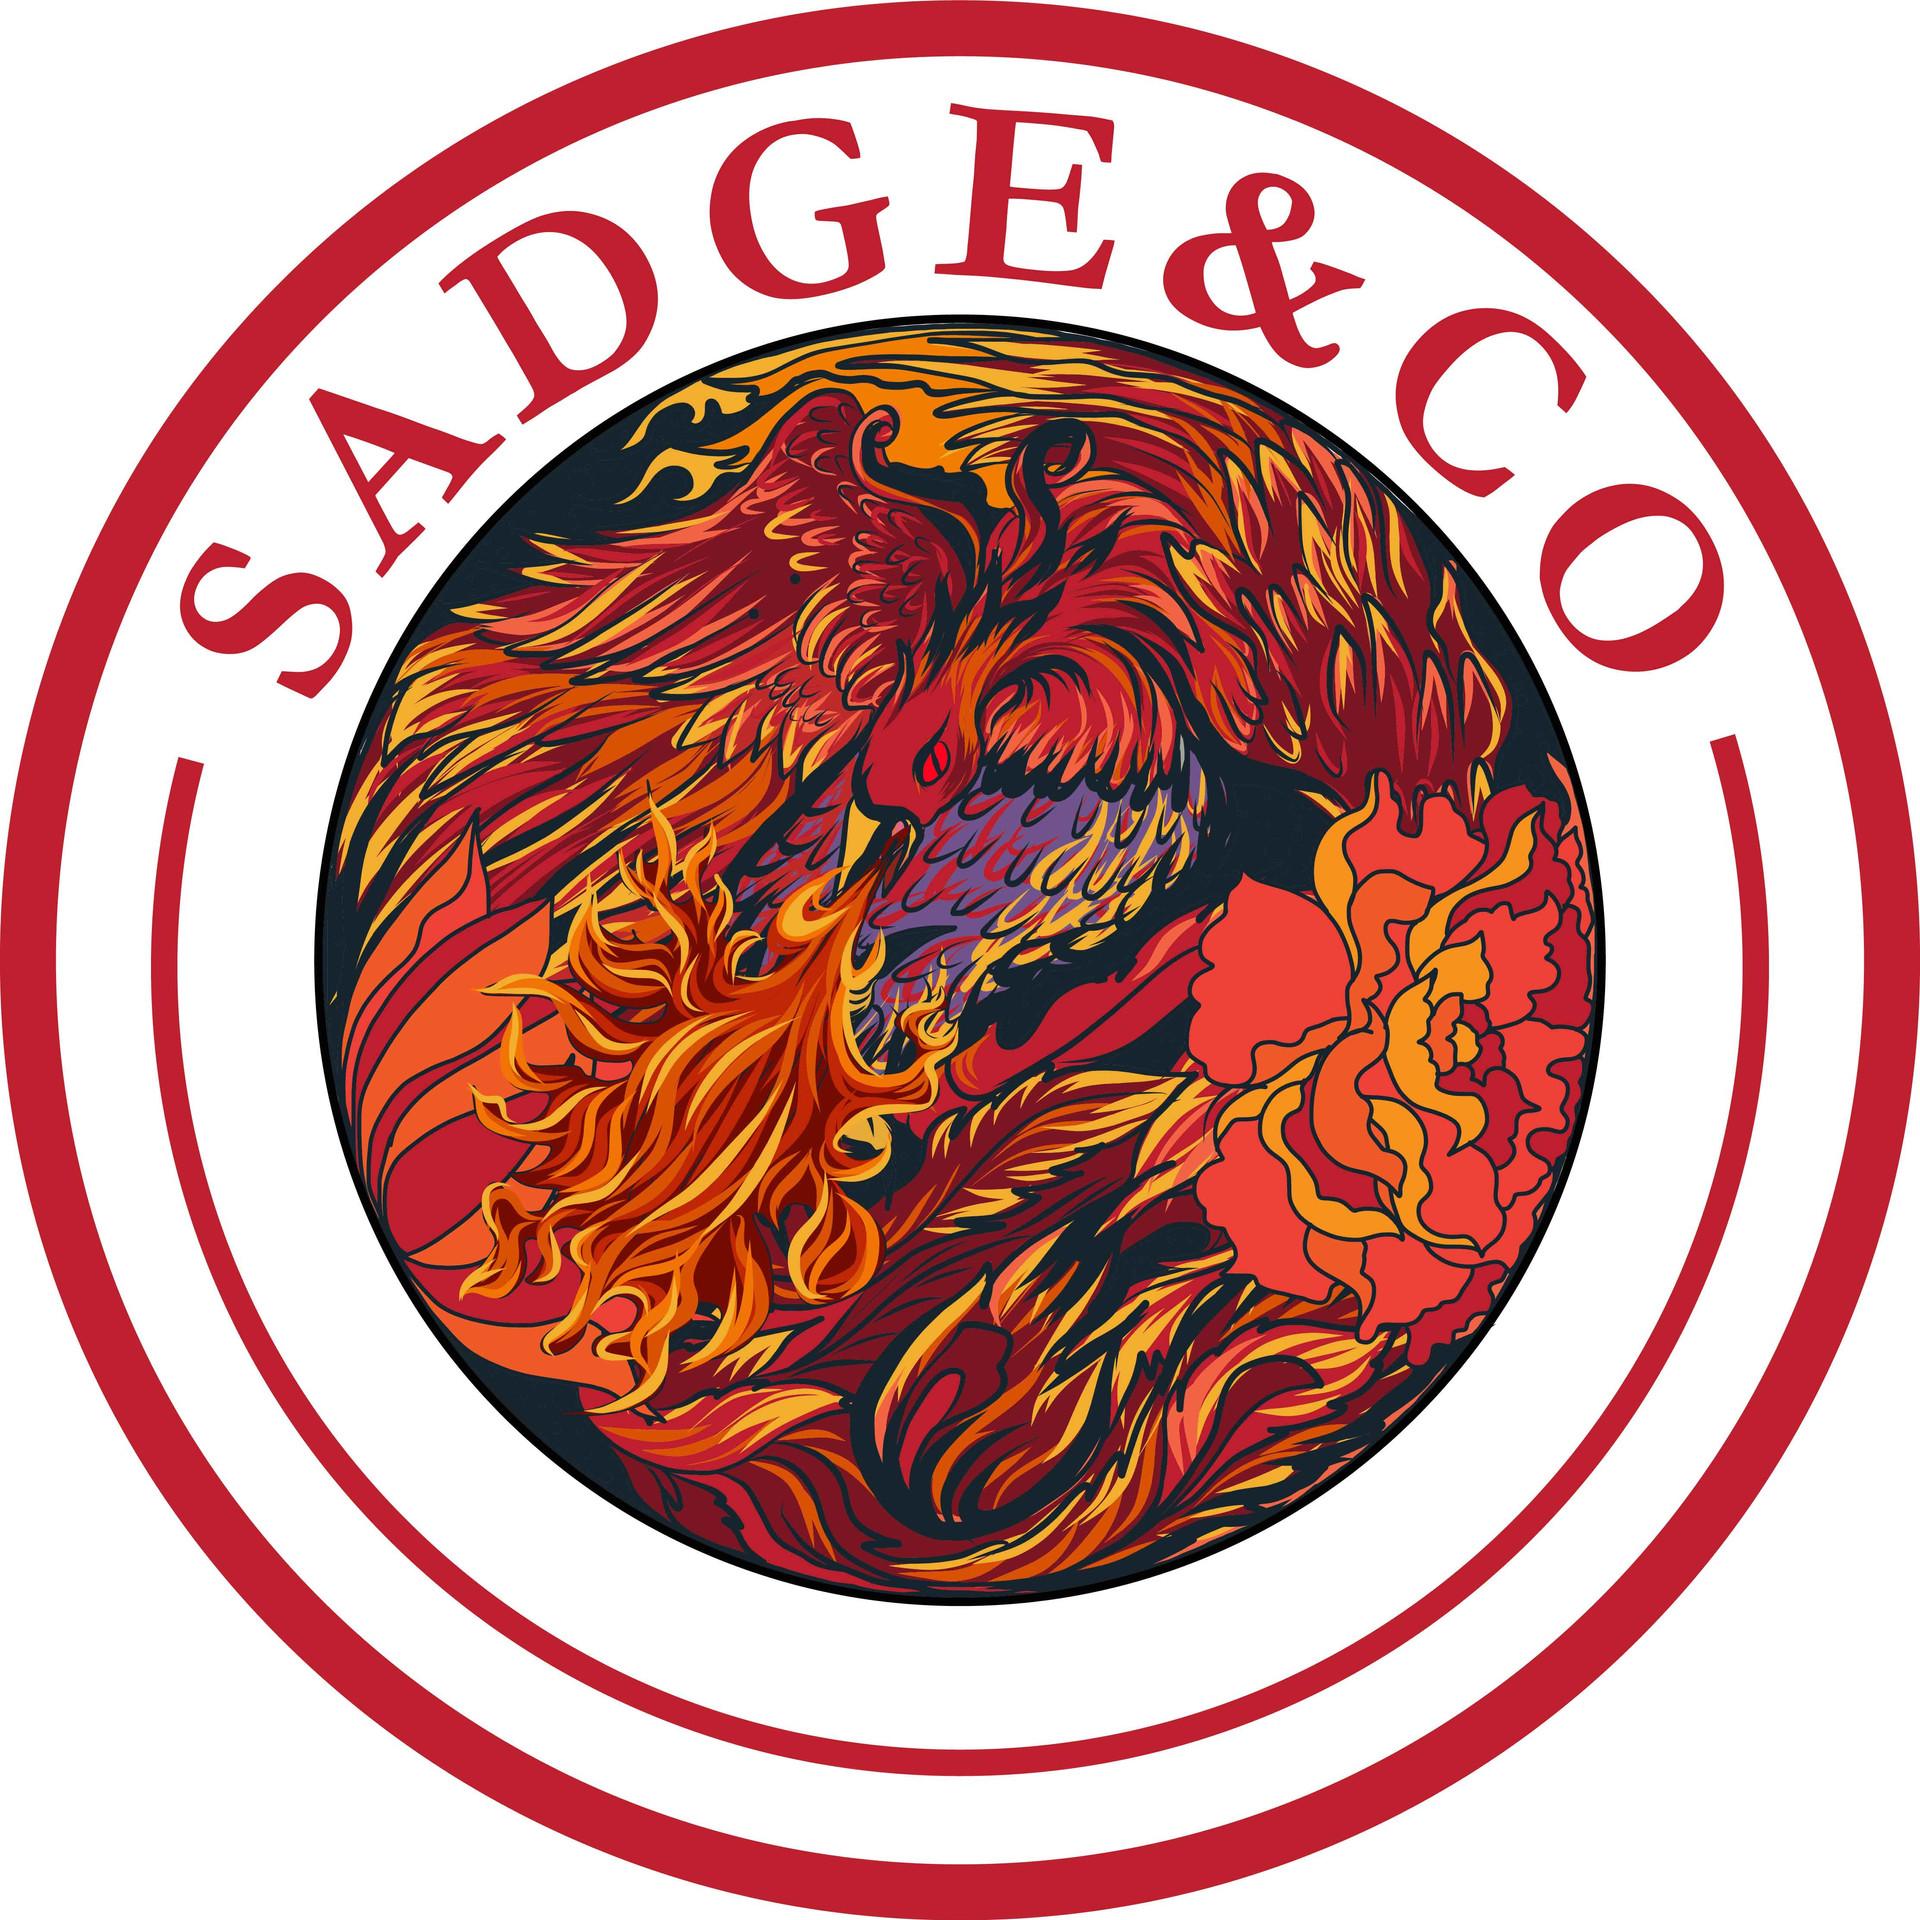 Sadge&Co. Clothing